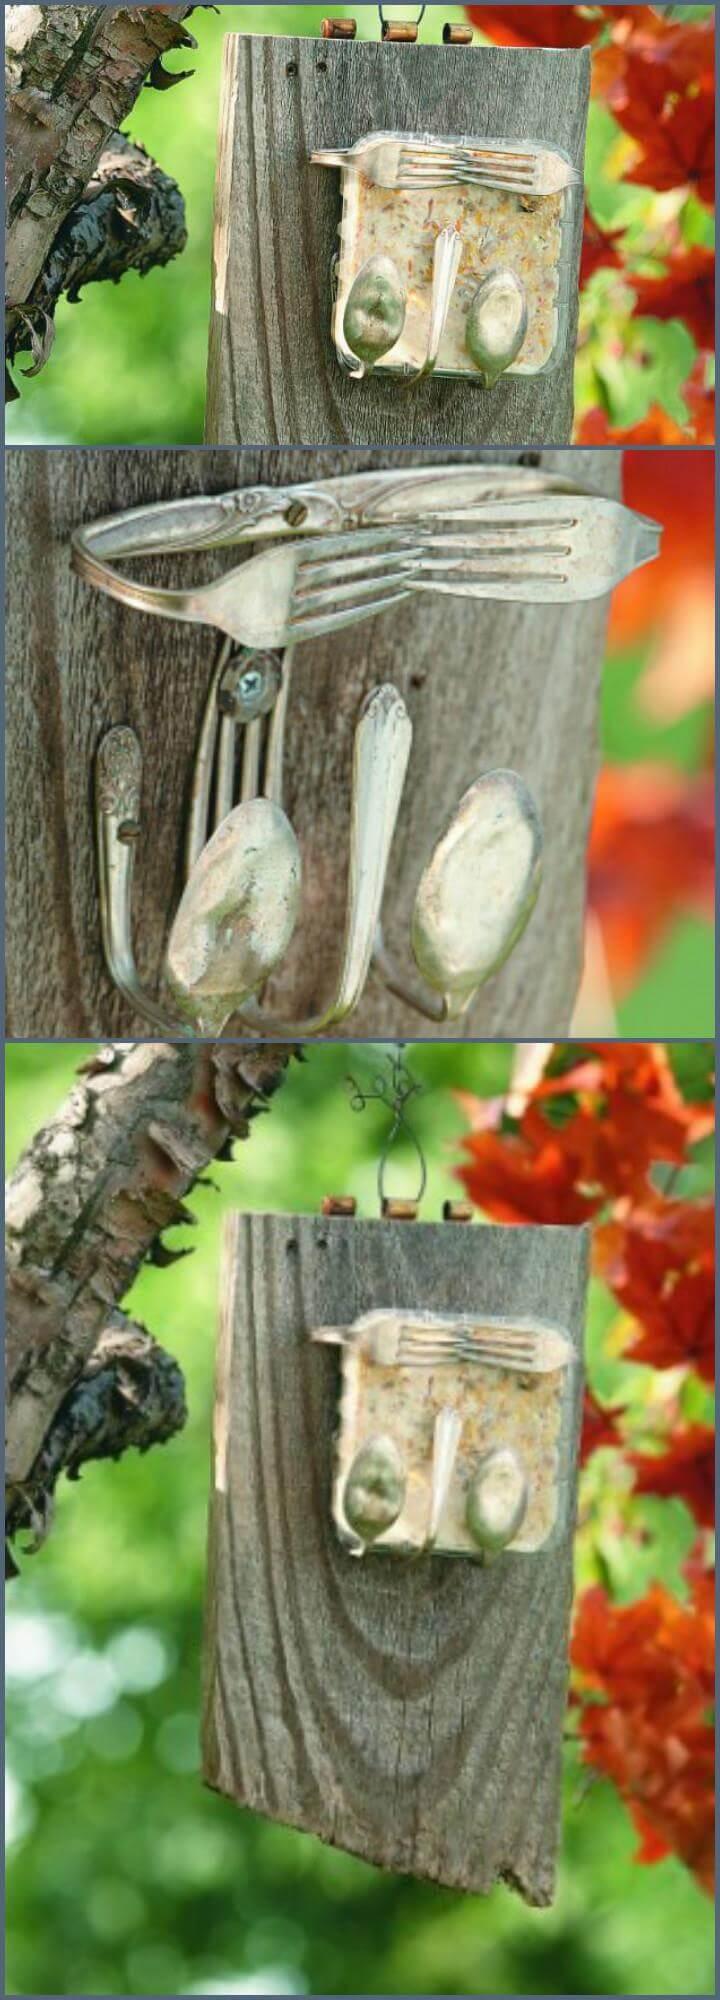 handmade silverware suet bird feeder